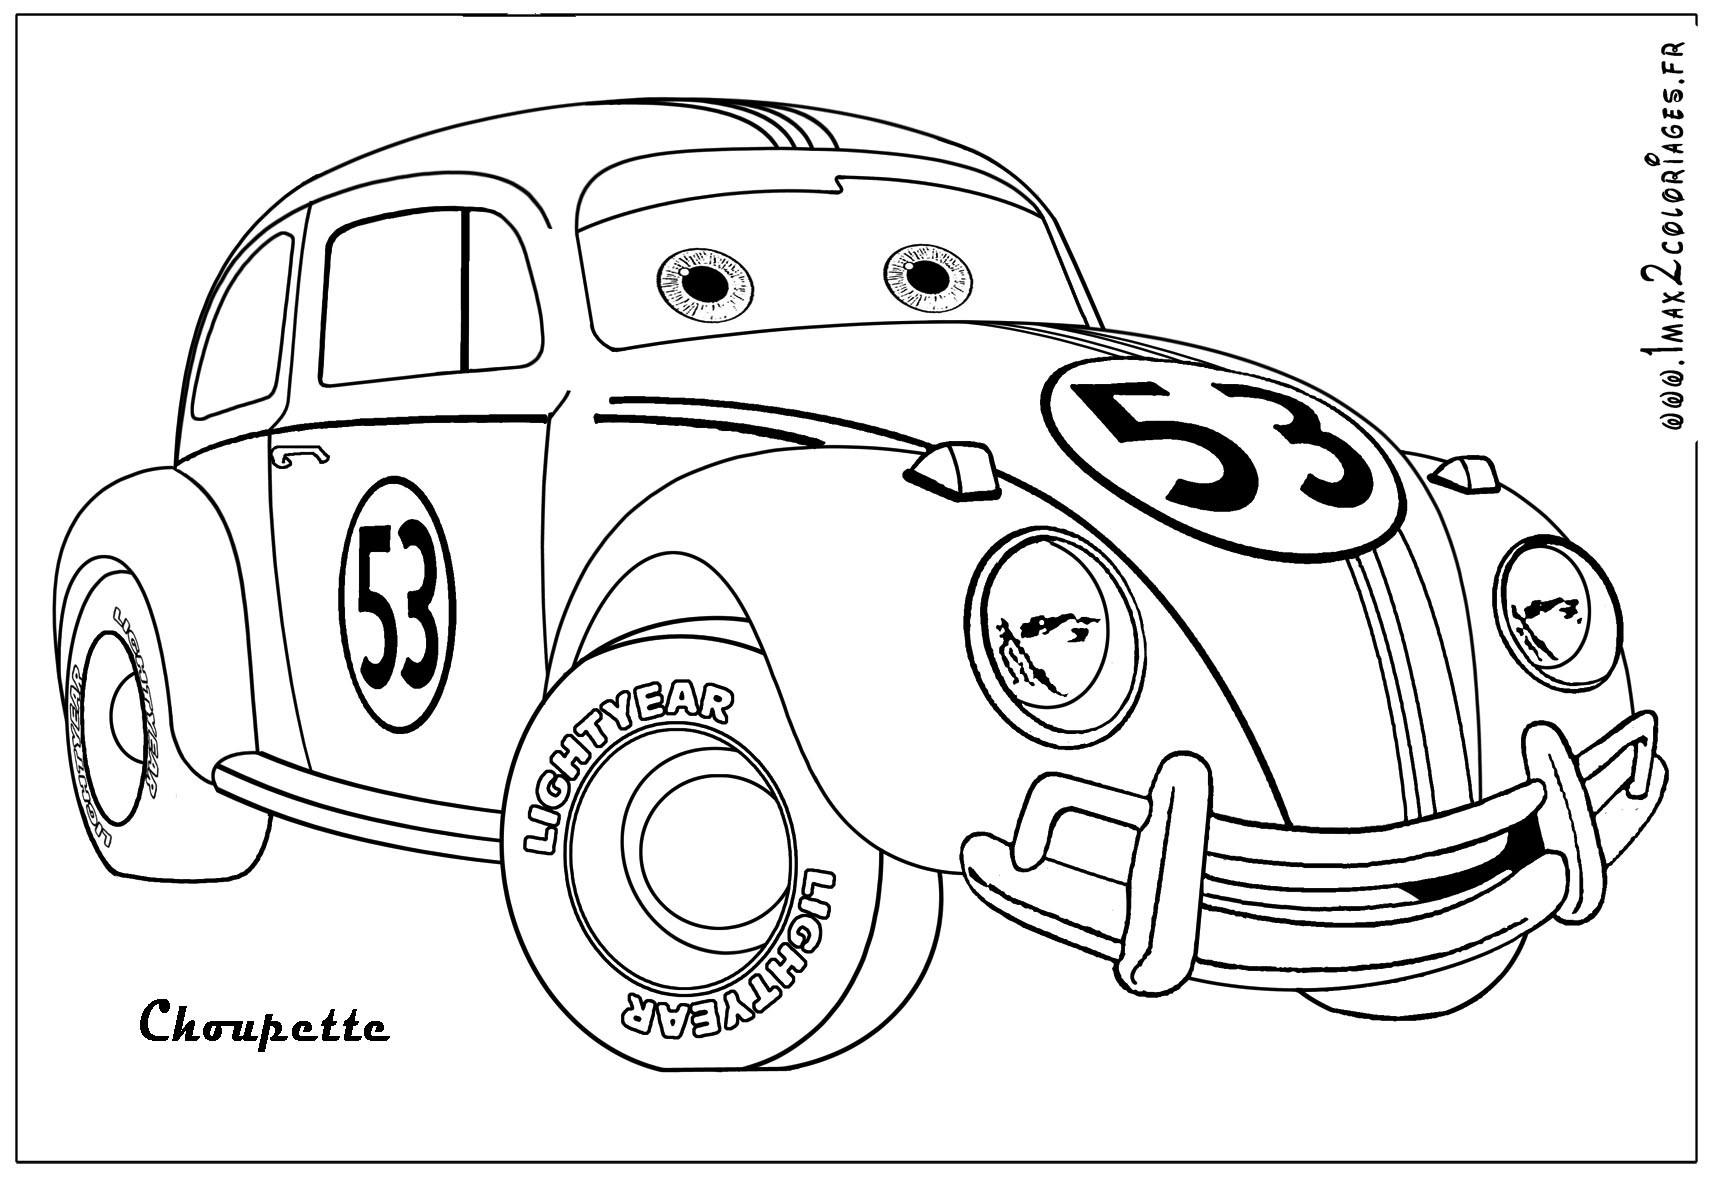 Dessin à Colorier Playmobil Frais Image Beau Dessins  Colorier De Voitures – Duschbehalter